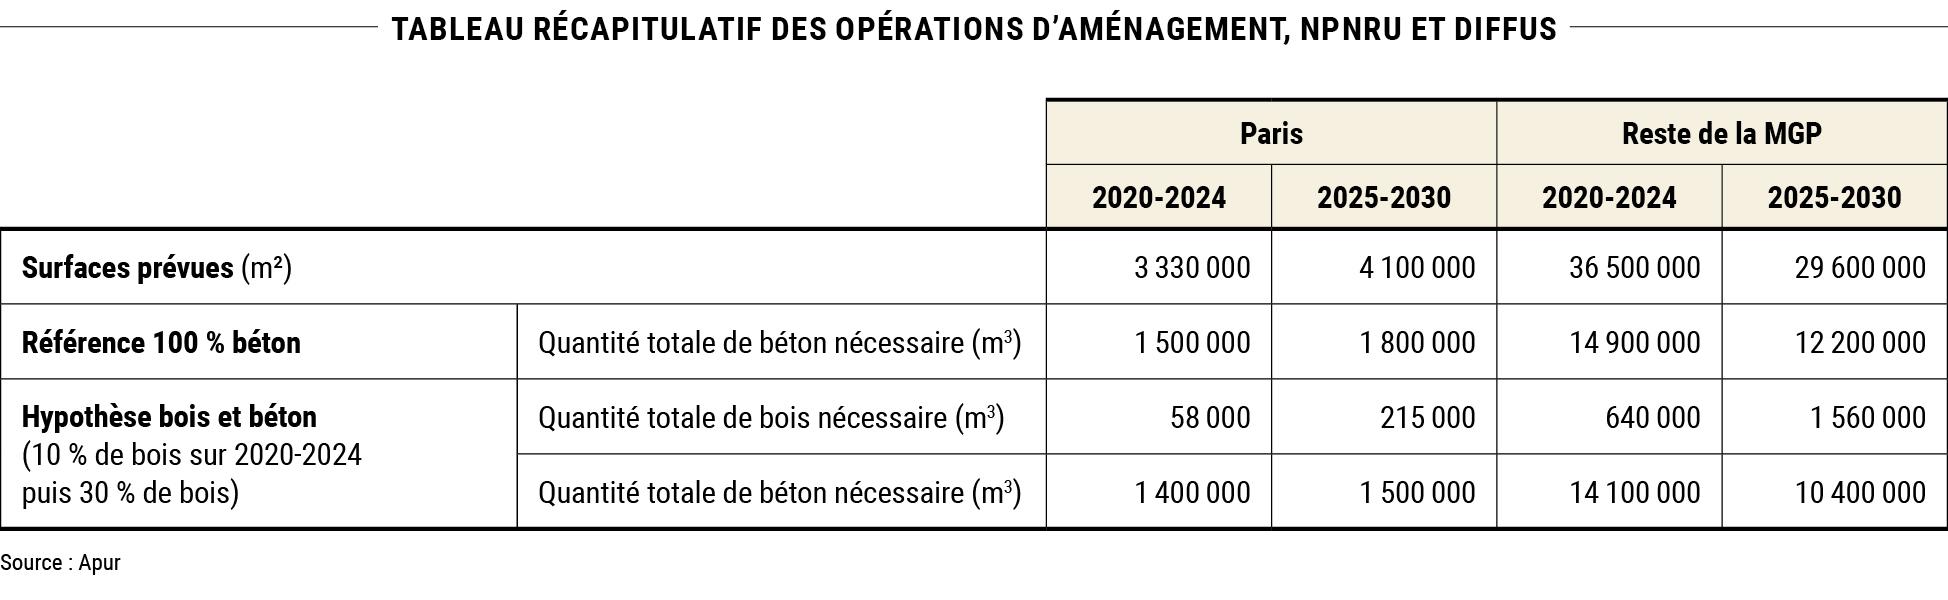 tableau récapitulatif des opérations d'aménagement et NPNRU (hors diffus) © Apur